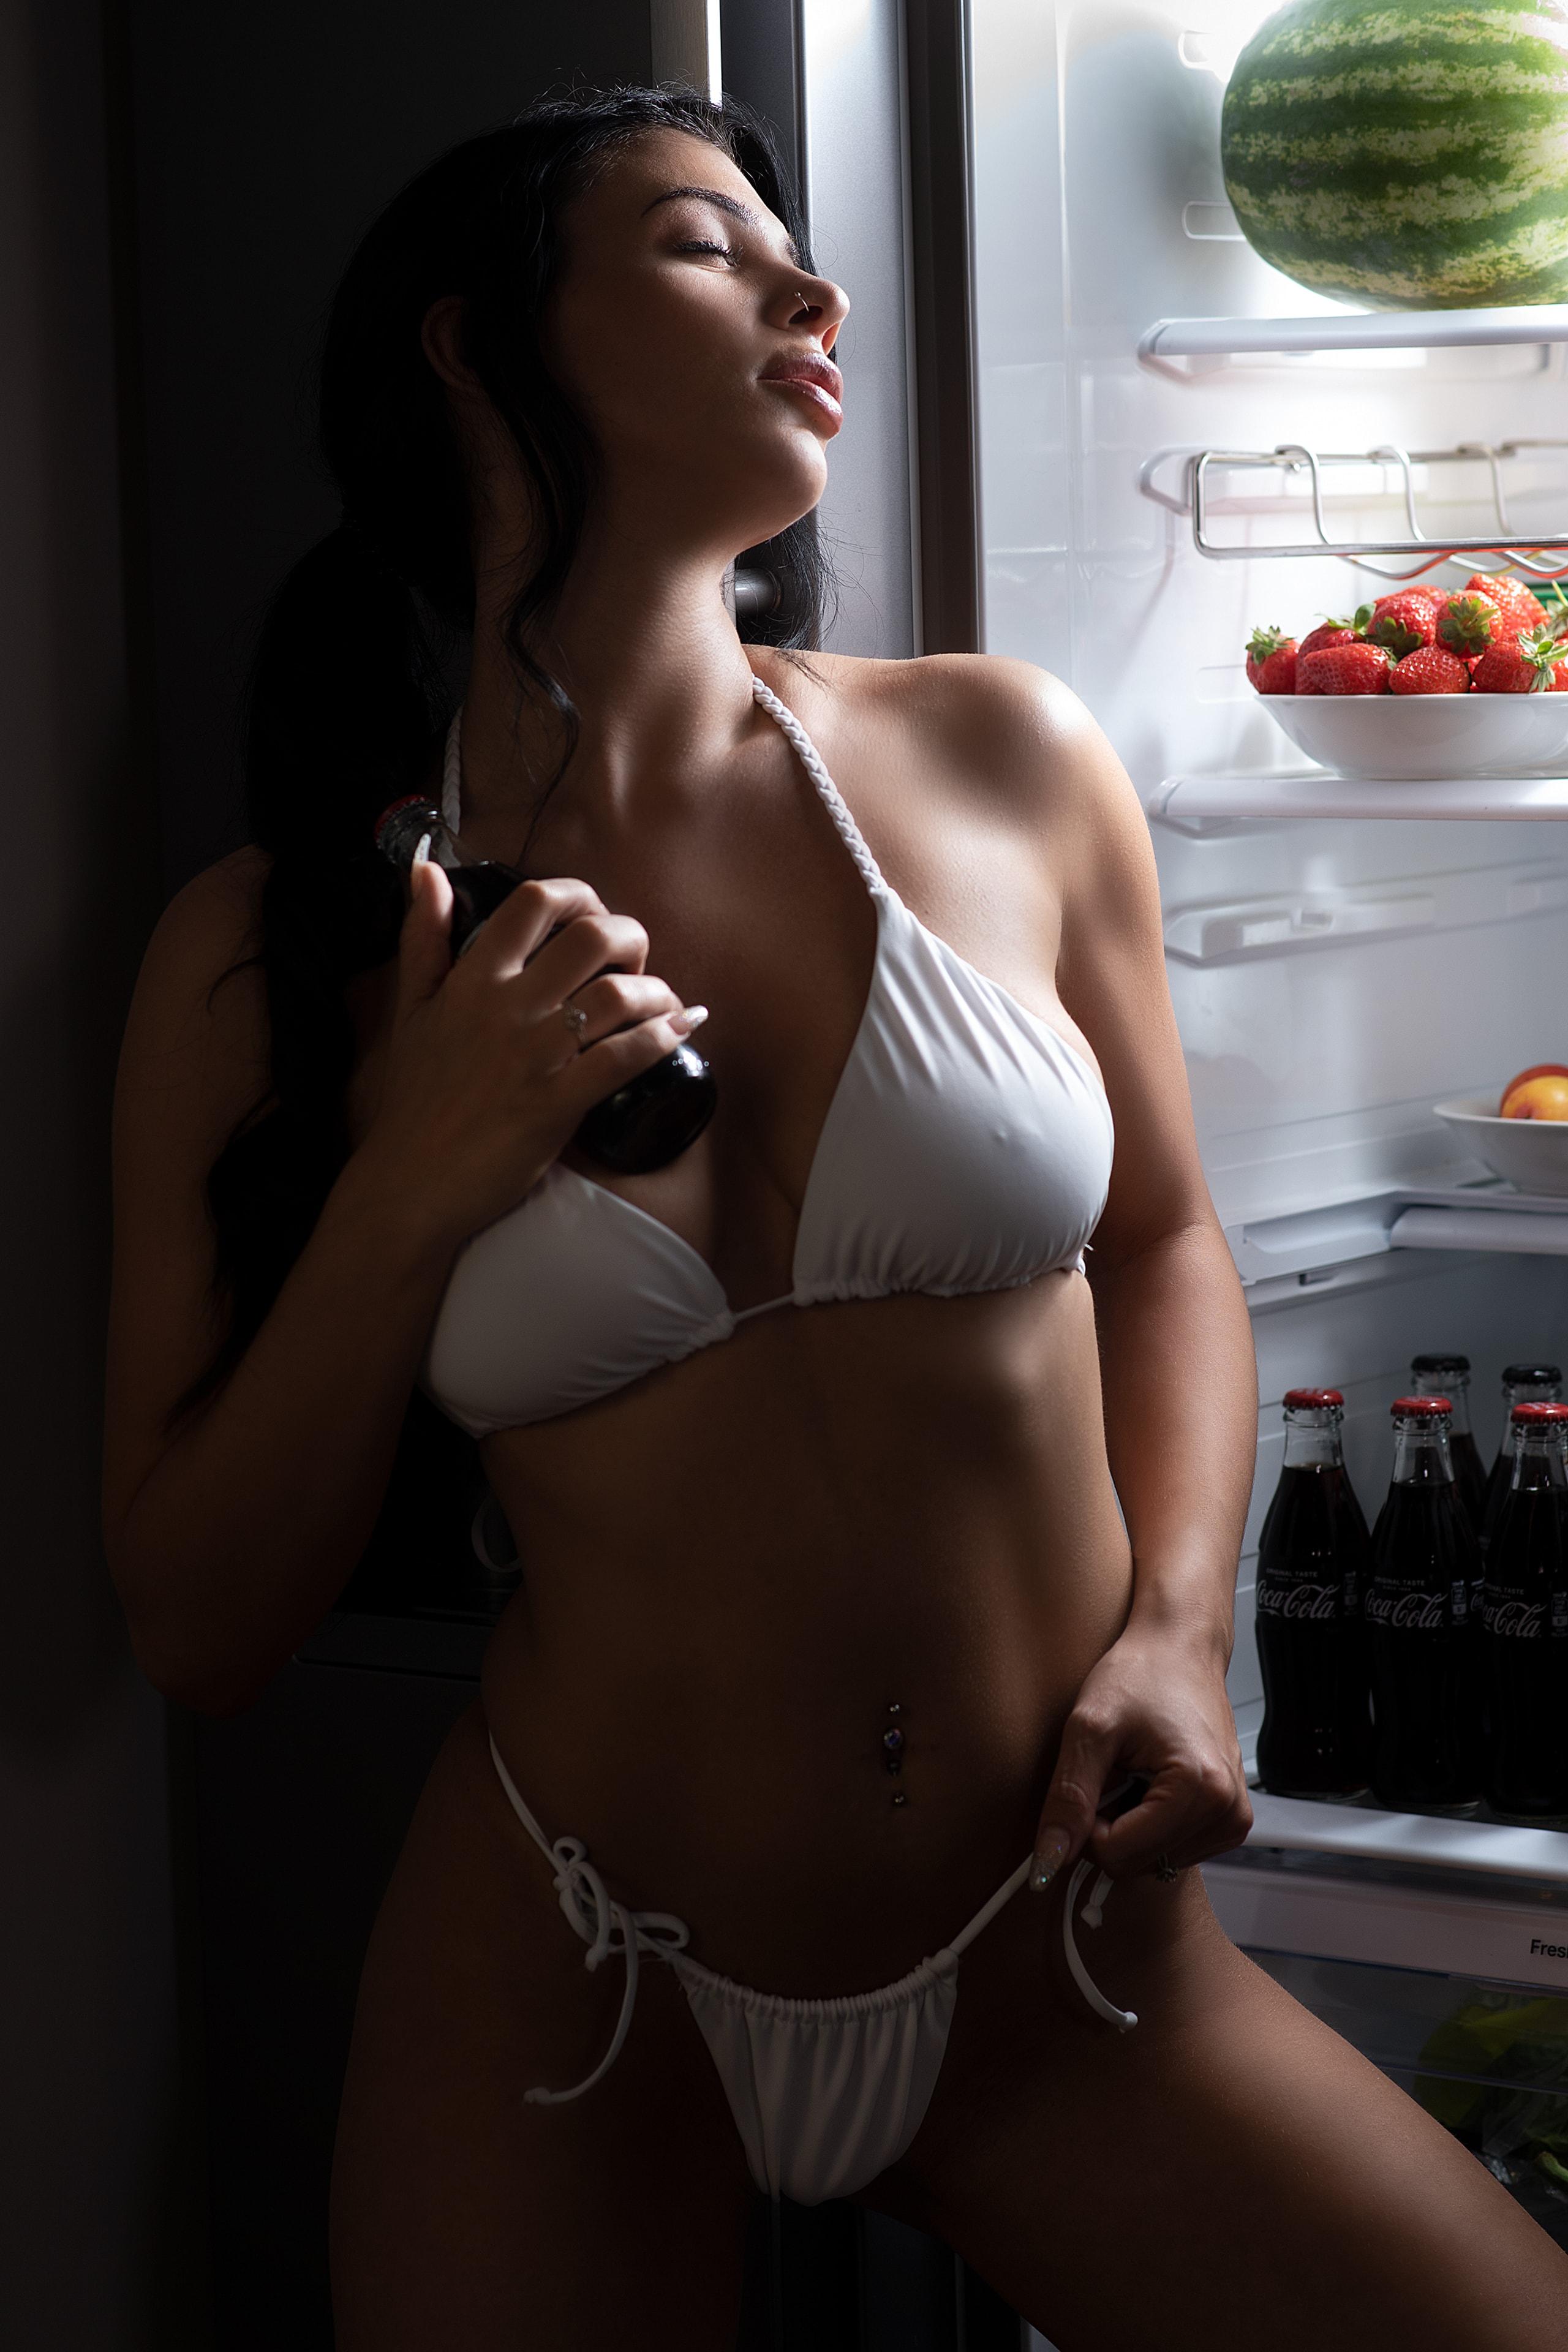 fridgefun02